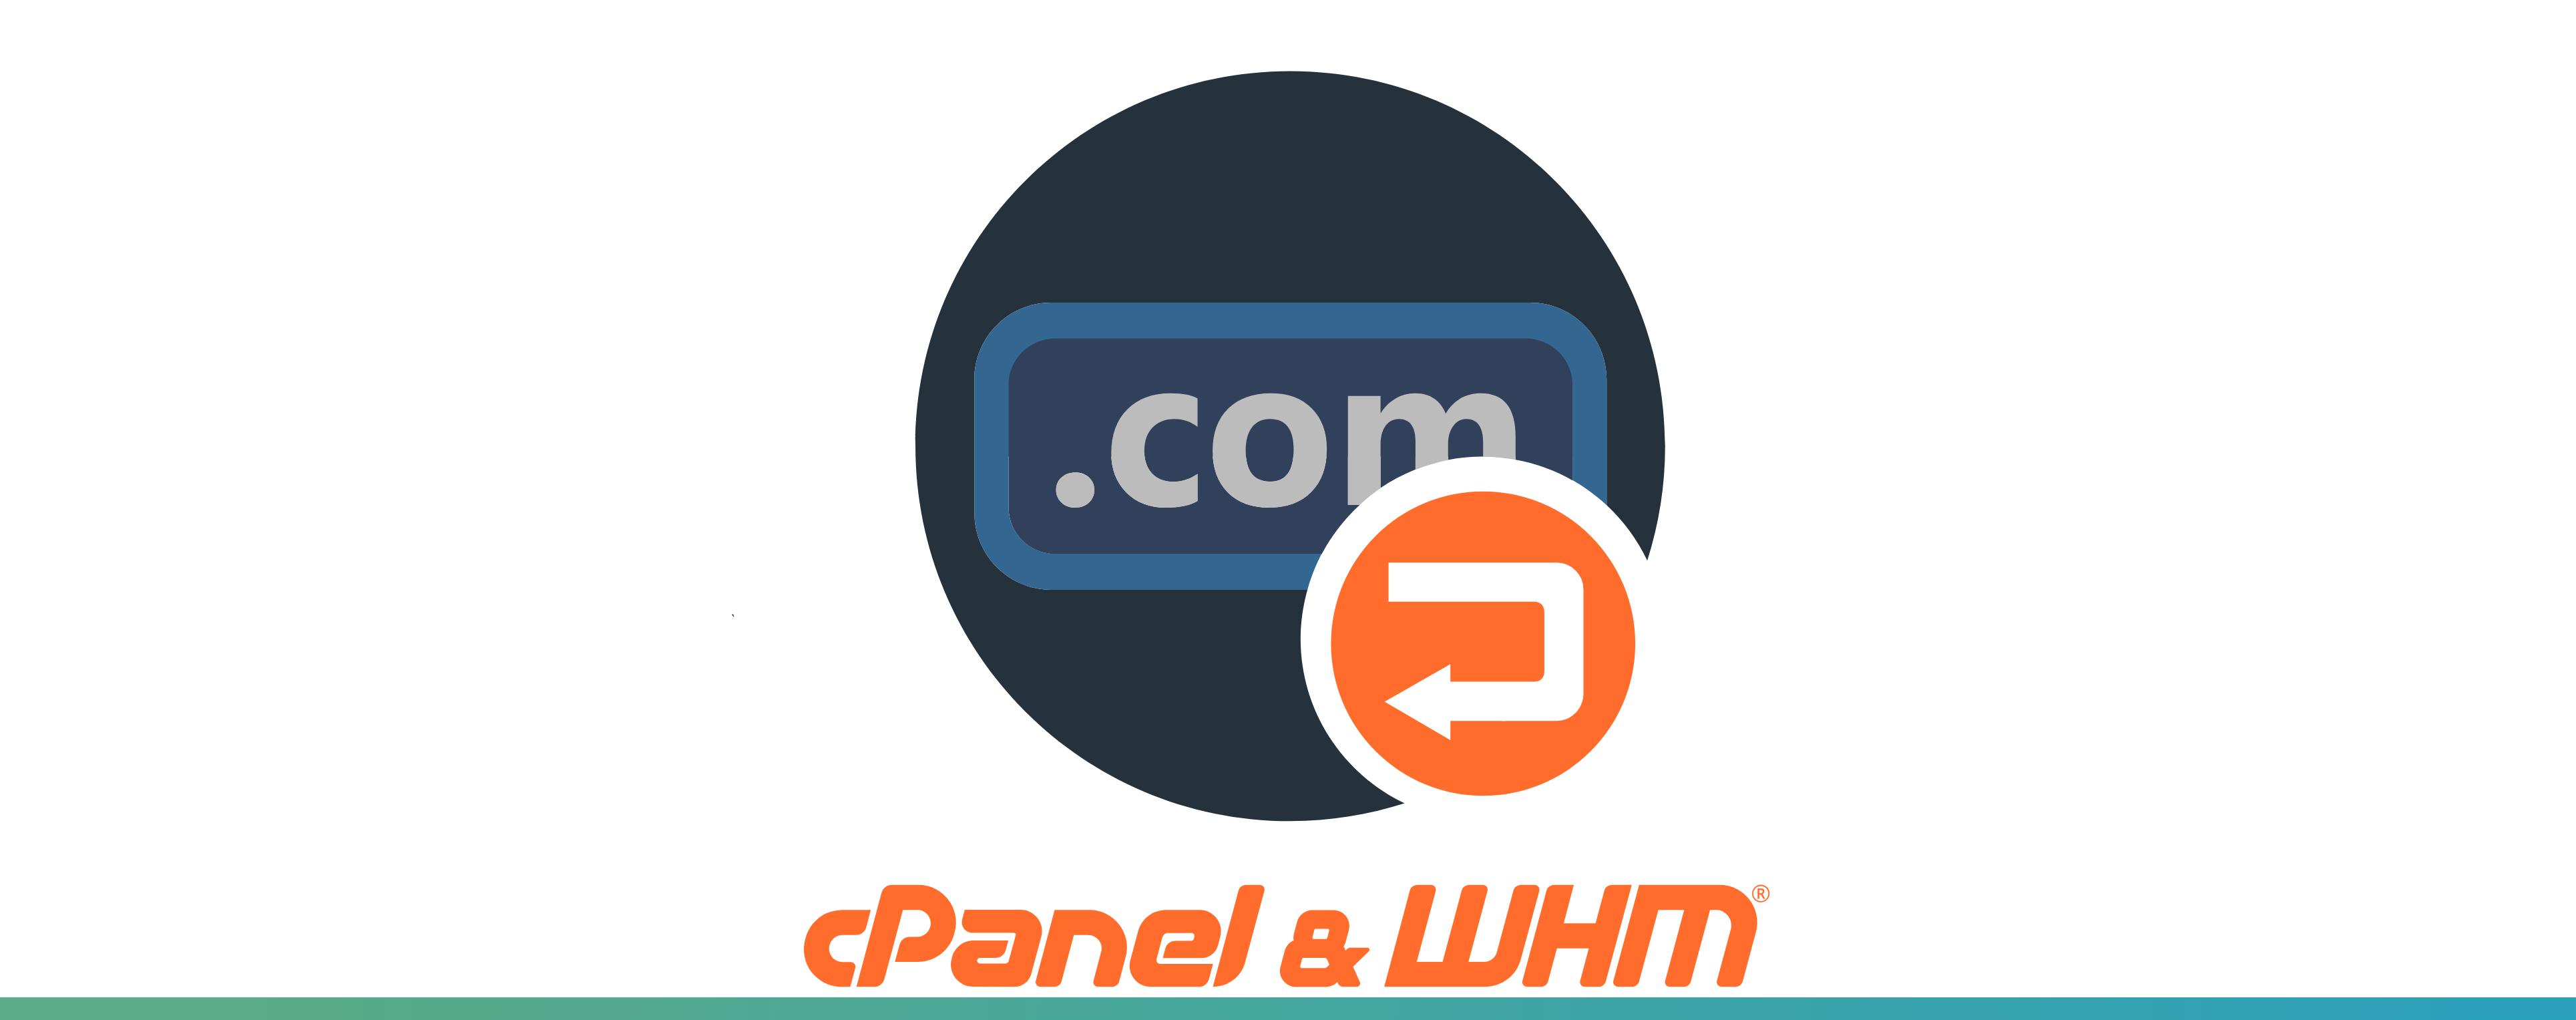 فعال نمودن مسیریابی در HTTPS